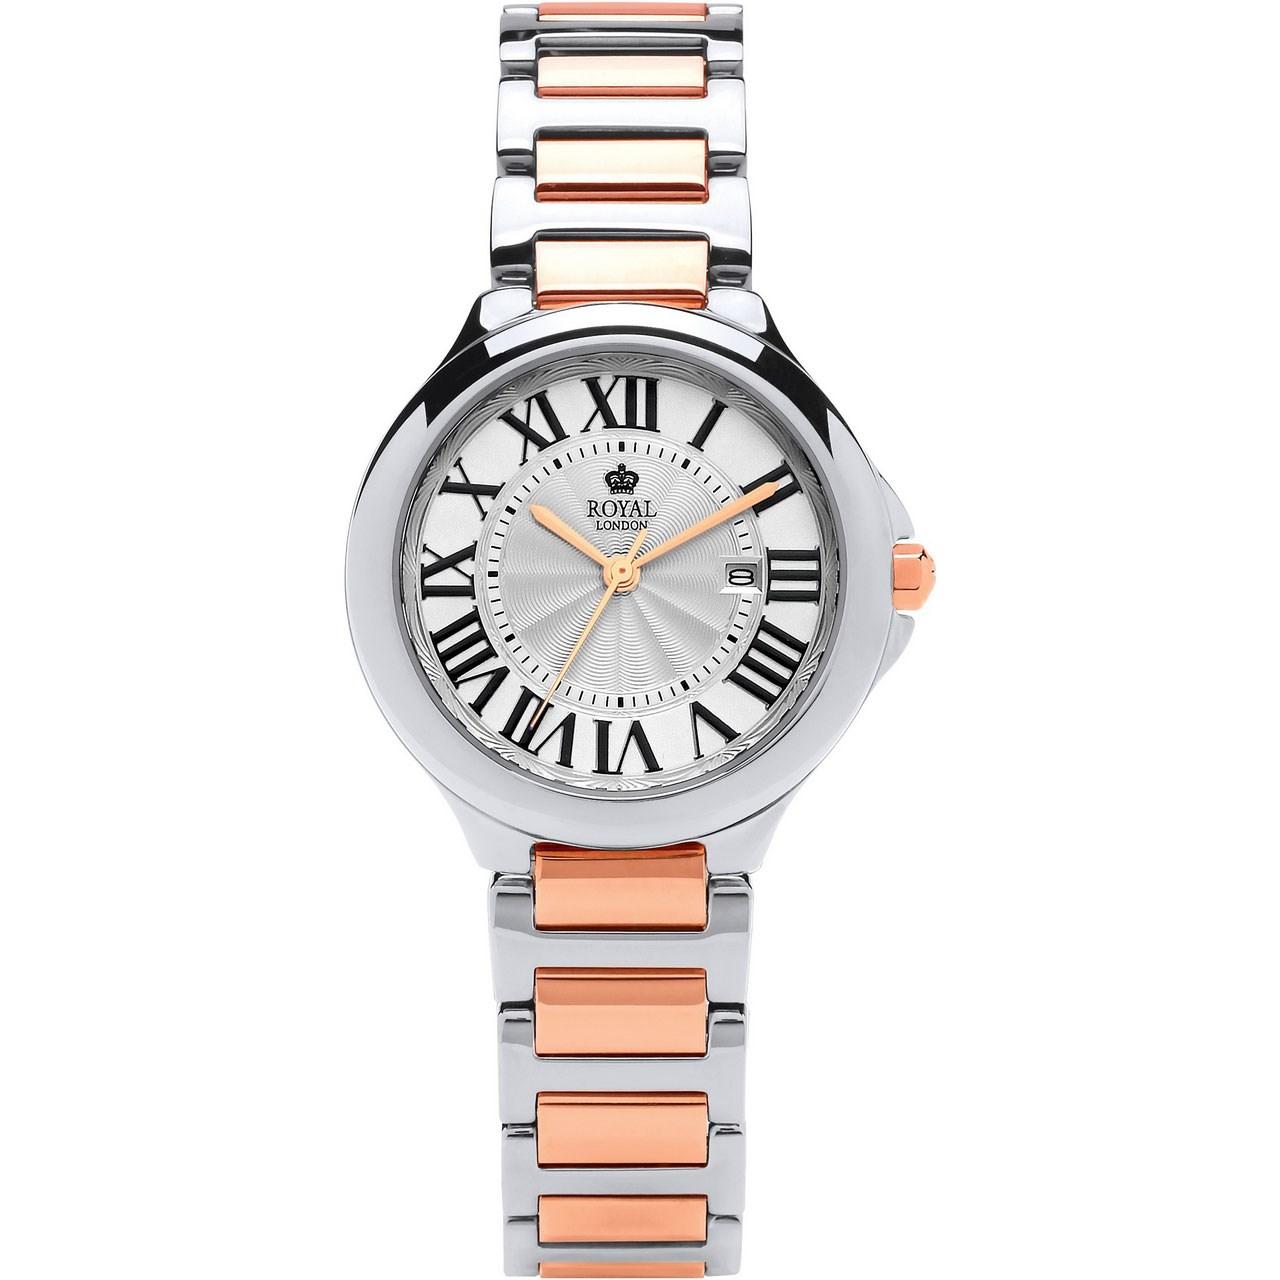 ساعت مچی عقربه ای زنانه رویال لندن مدل RL-21378-04